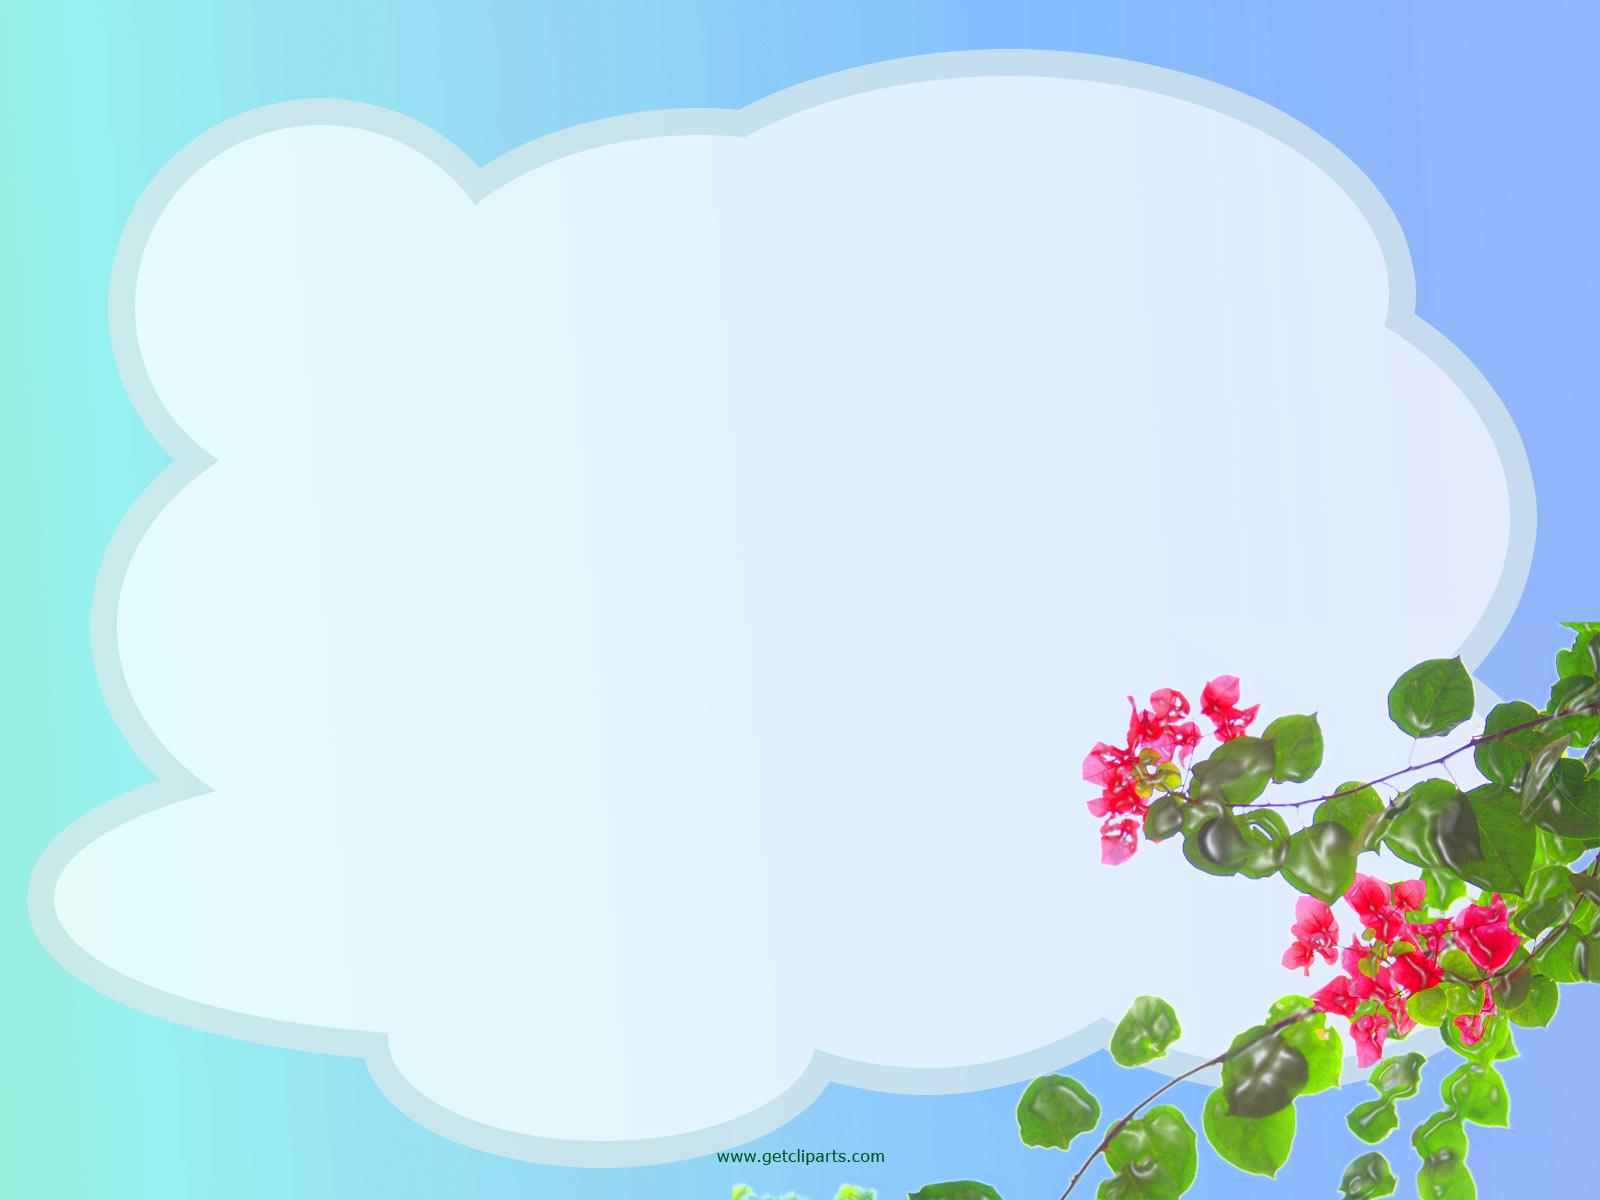 http://1.bp.blogspot.com/-lfTfYUpeiX8/T8zI5yESBmI/AAAAAAAAElo/EXJO_HKy1FI/s1600/Flower-wallpaper-55.jpg